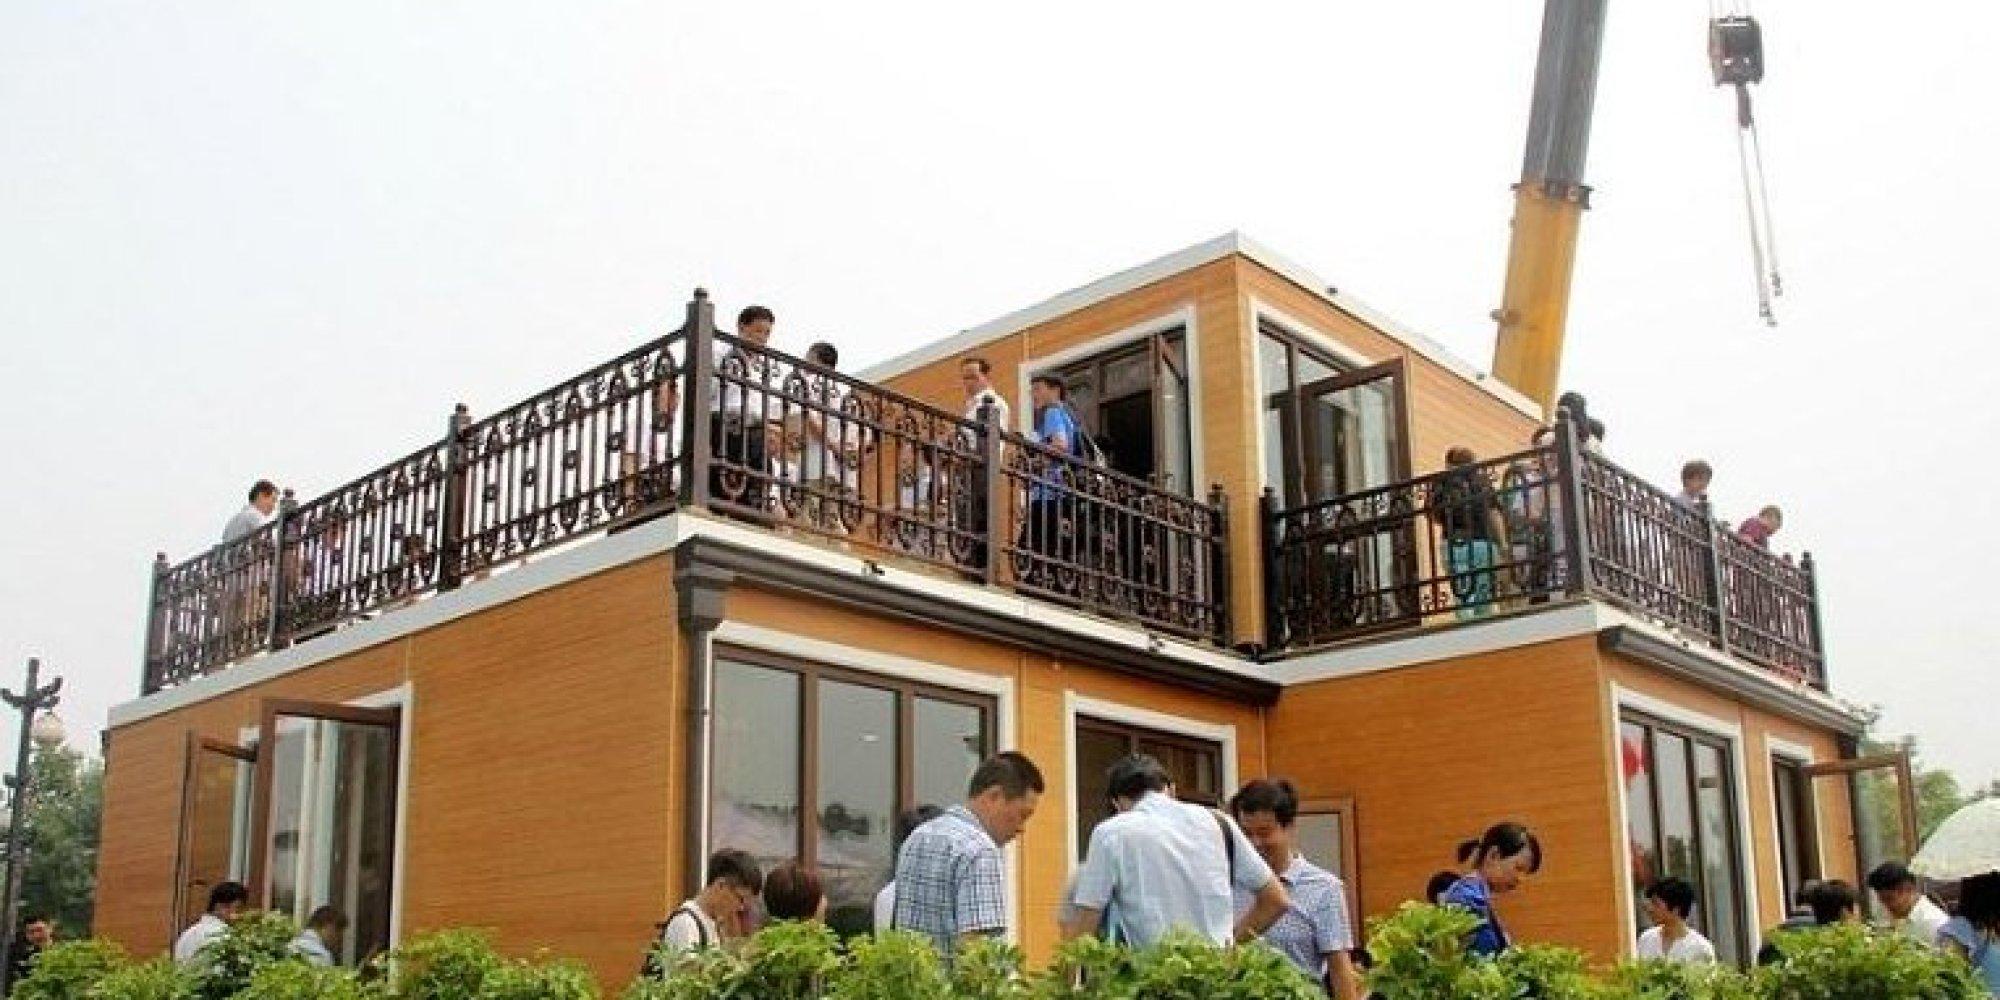 VIDÉO. Chine : une villa assemblée en 3 heures grâce à une ...